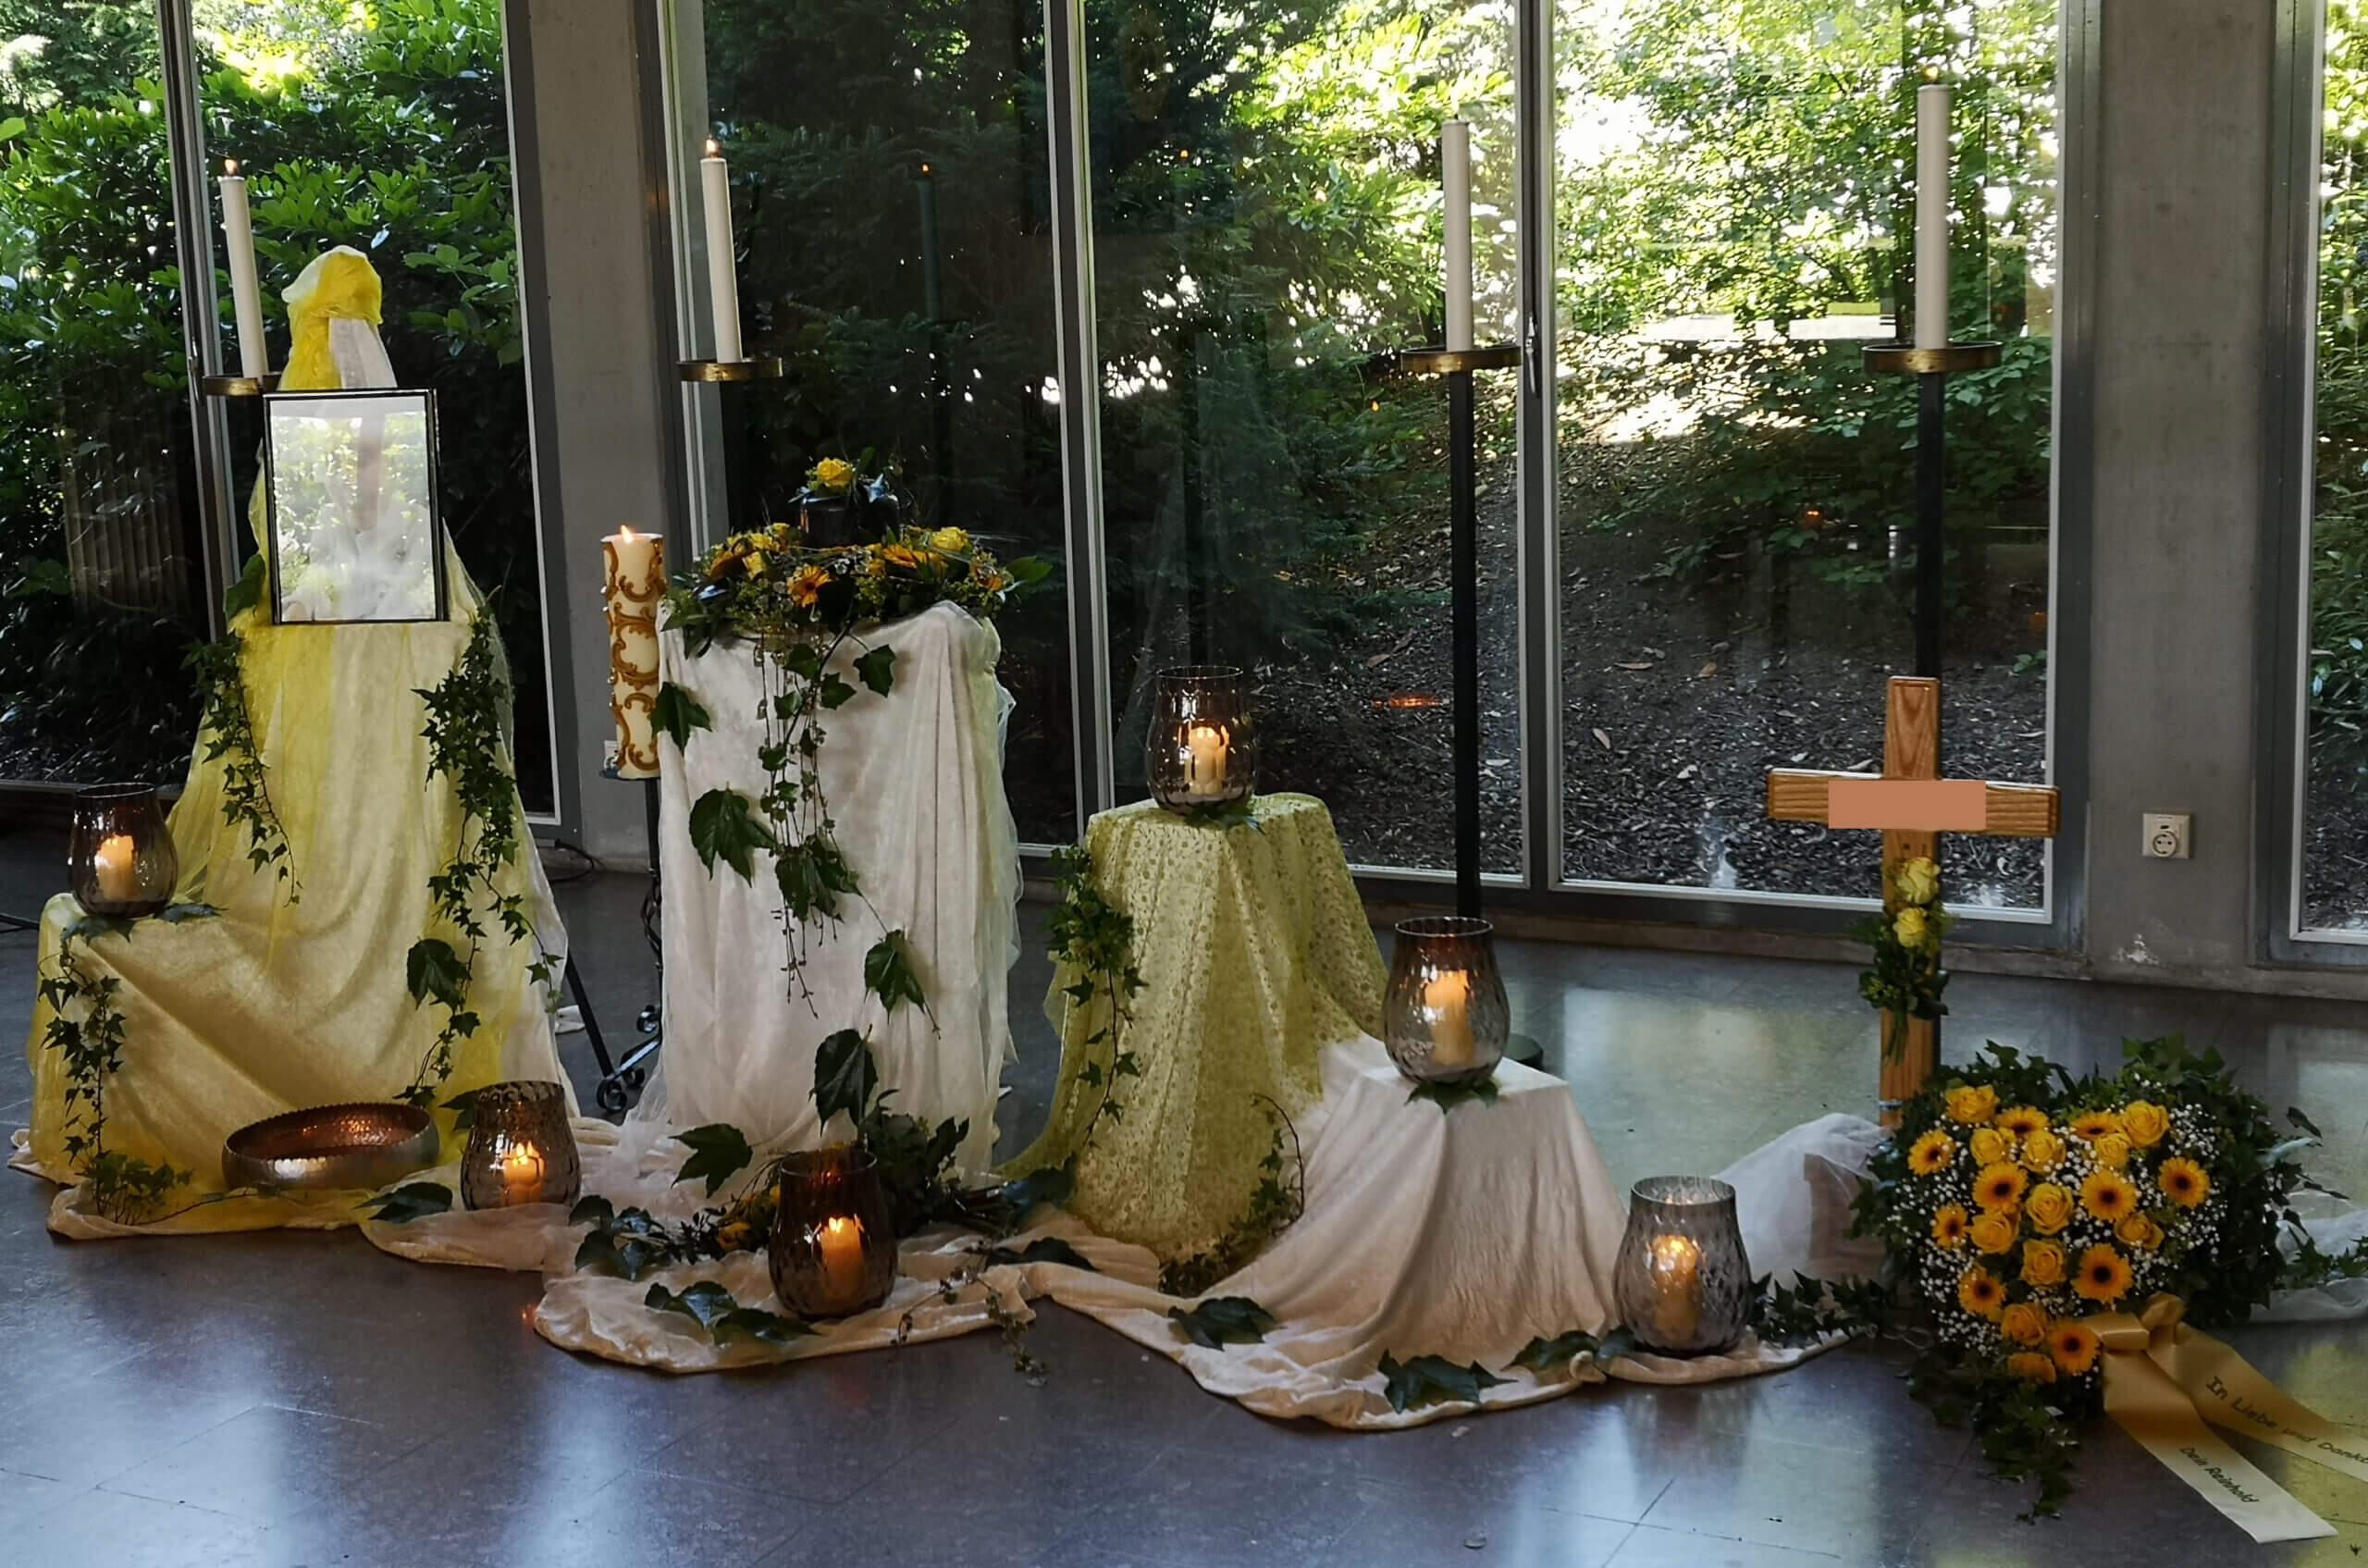 Aussegnungshalle Marienfriedhof